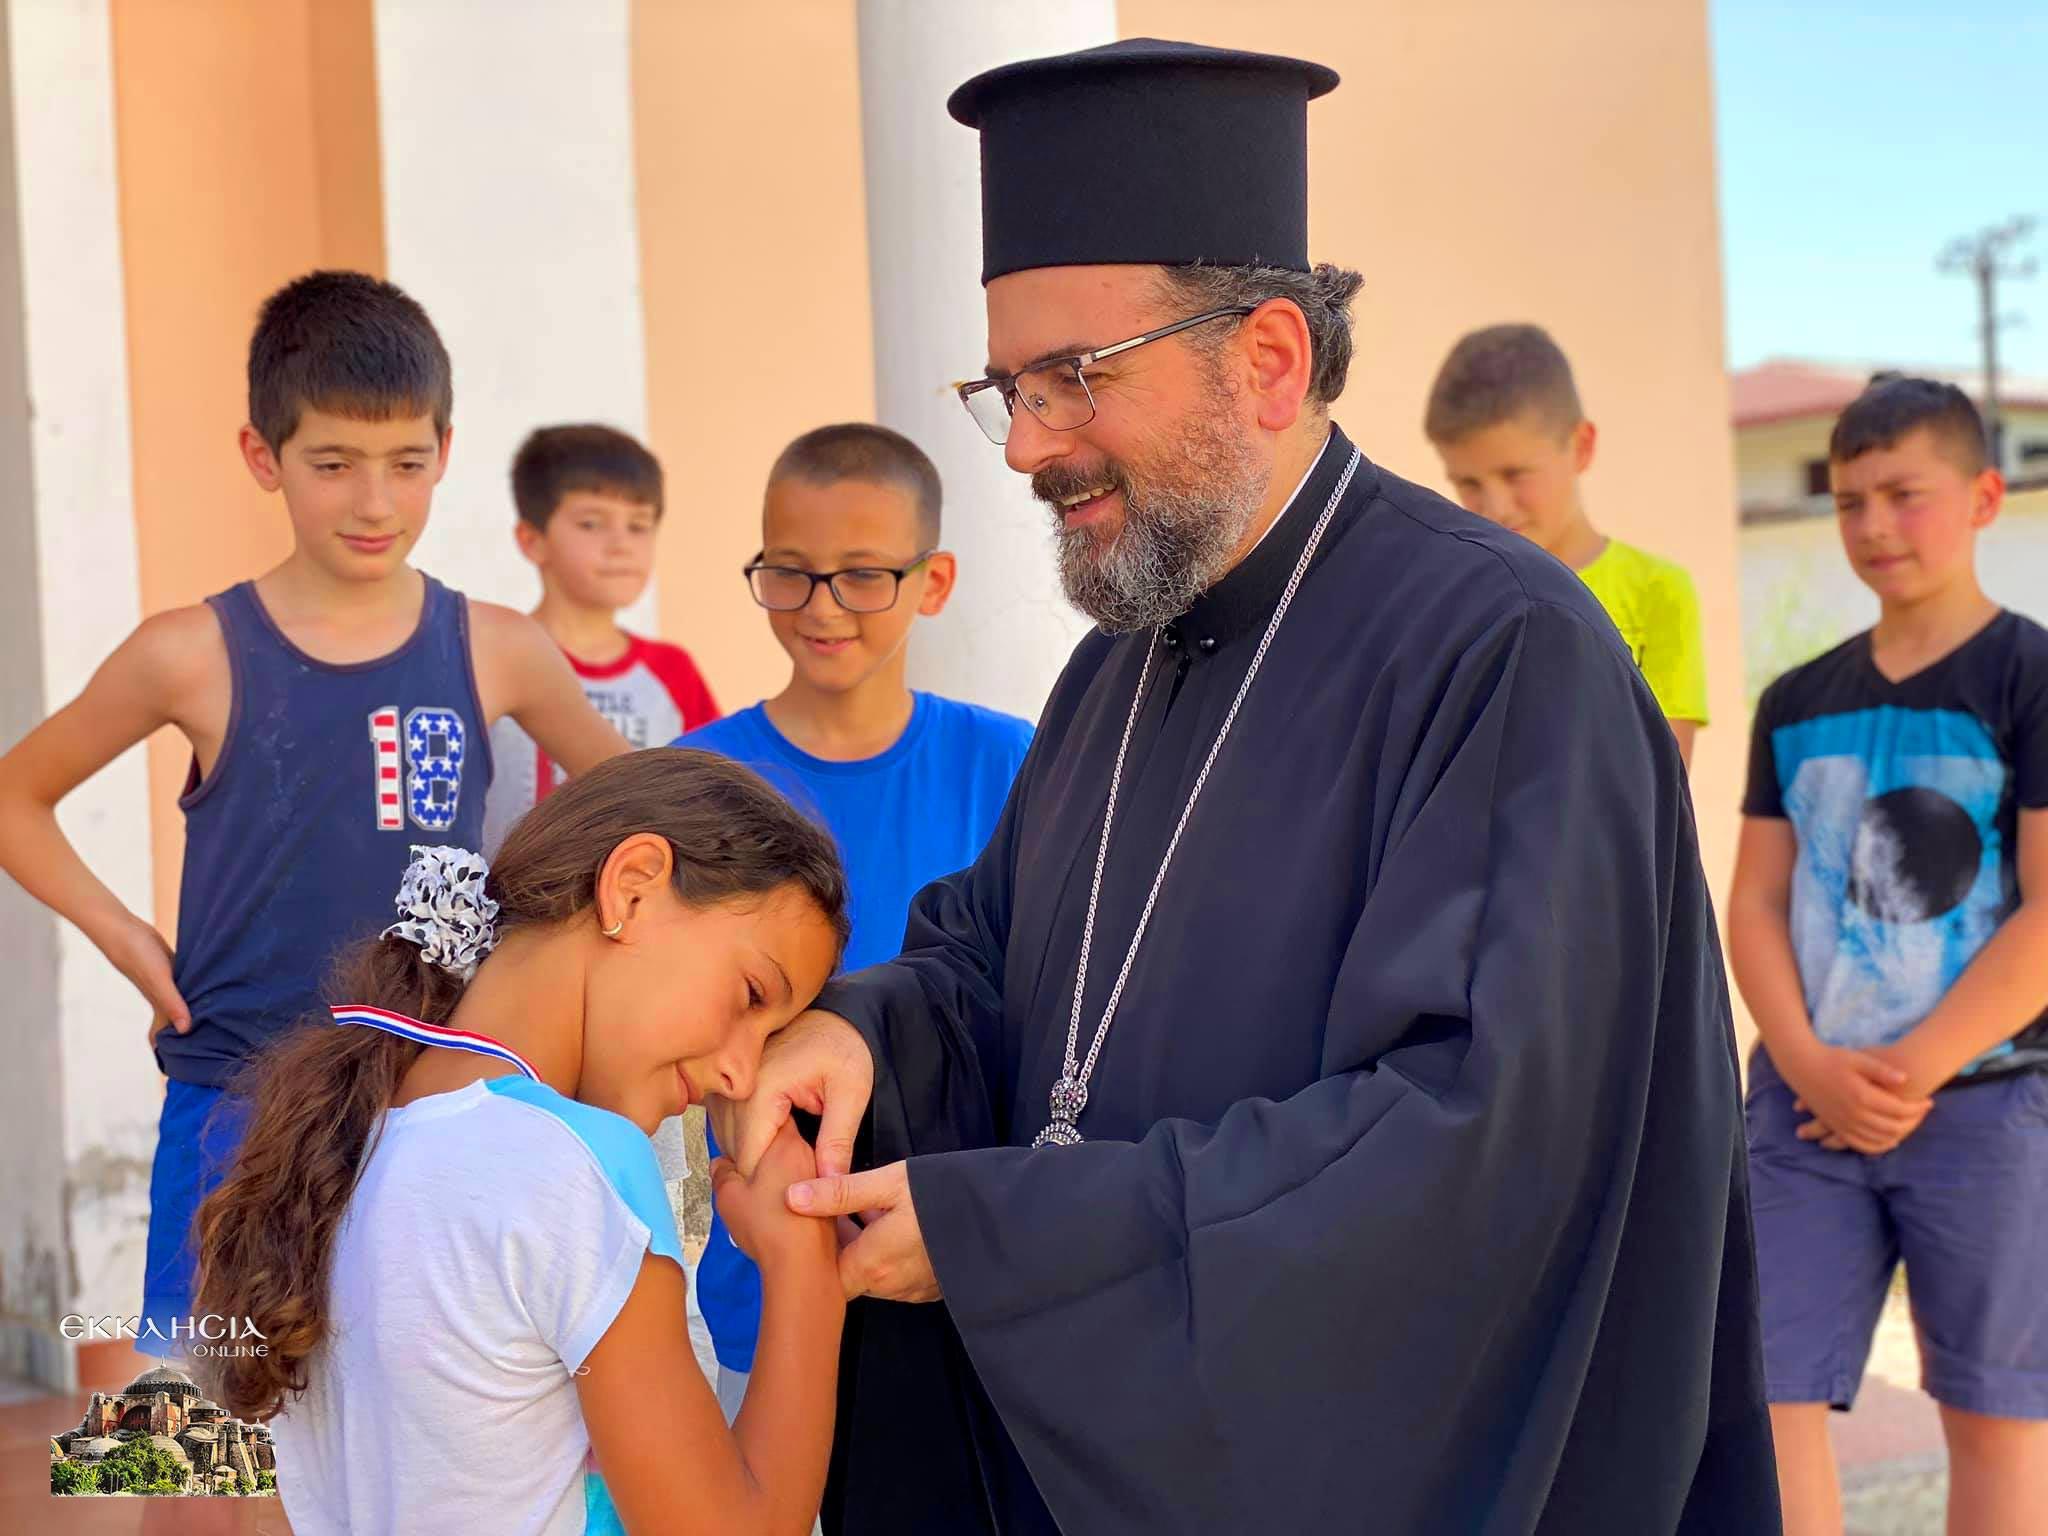 Μητροπολίτης Ελμπασάν Αντώνιος Πεκινίτ Αλβανία 2021